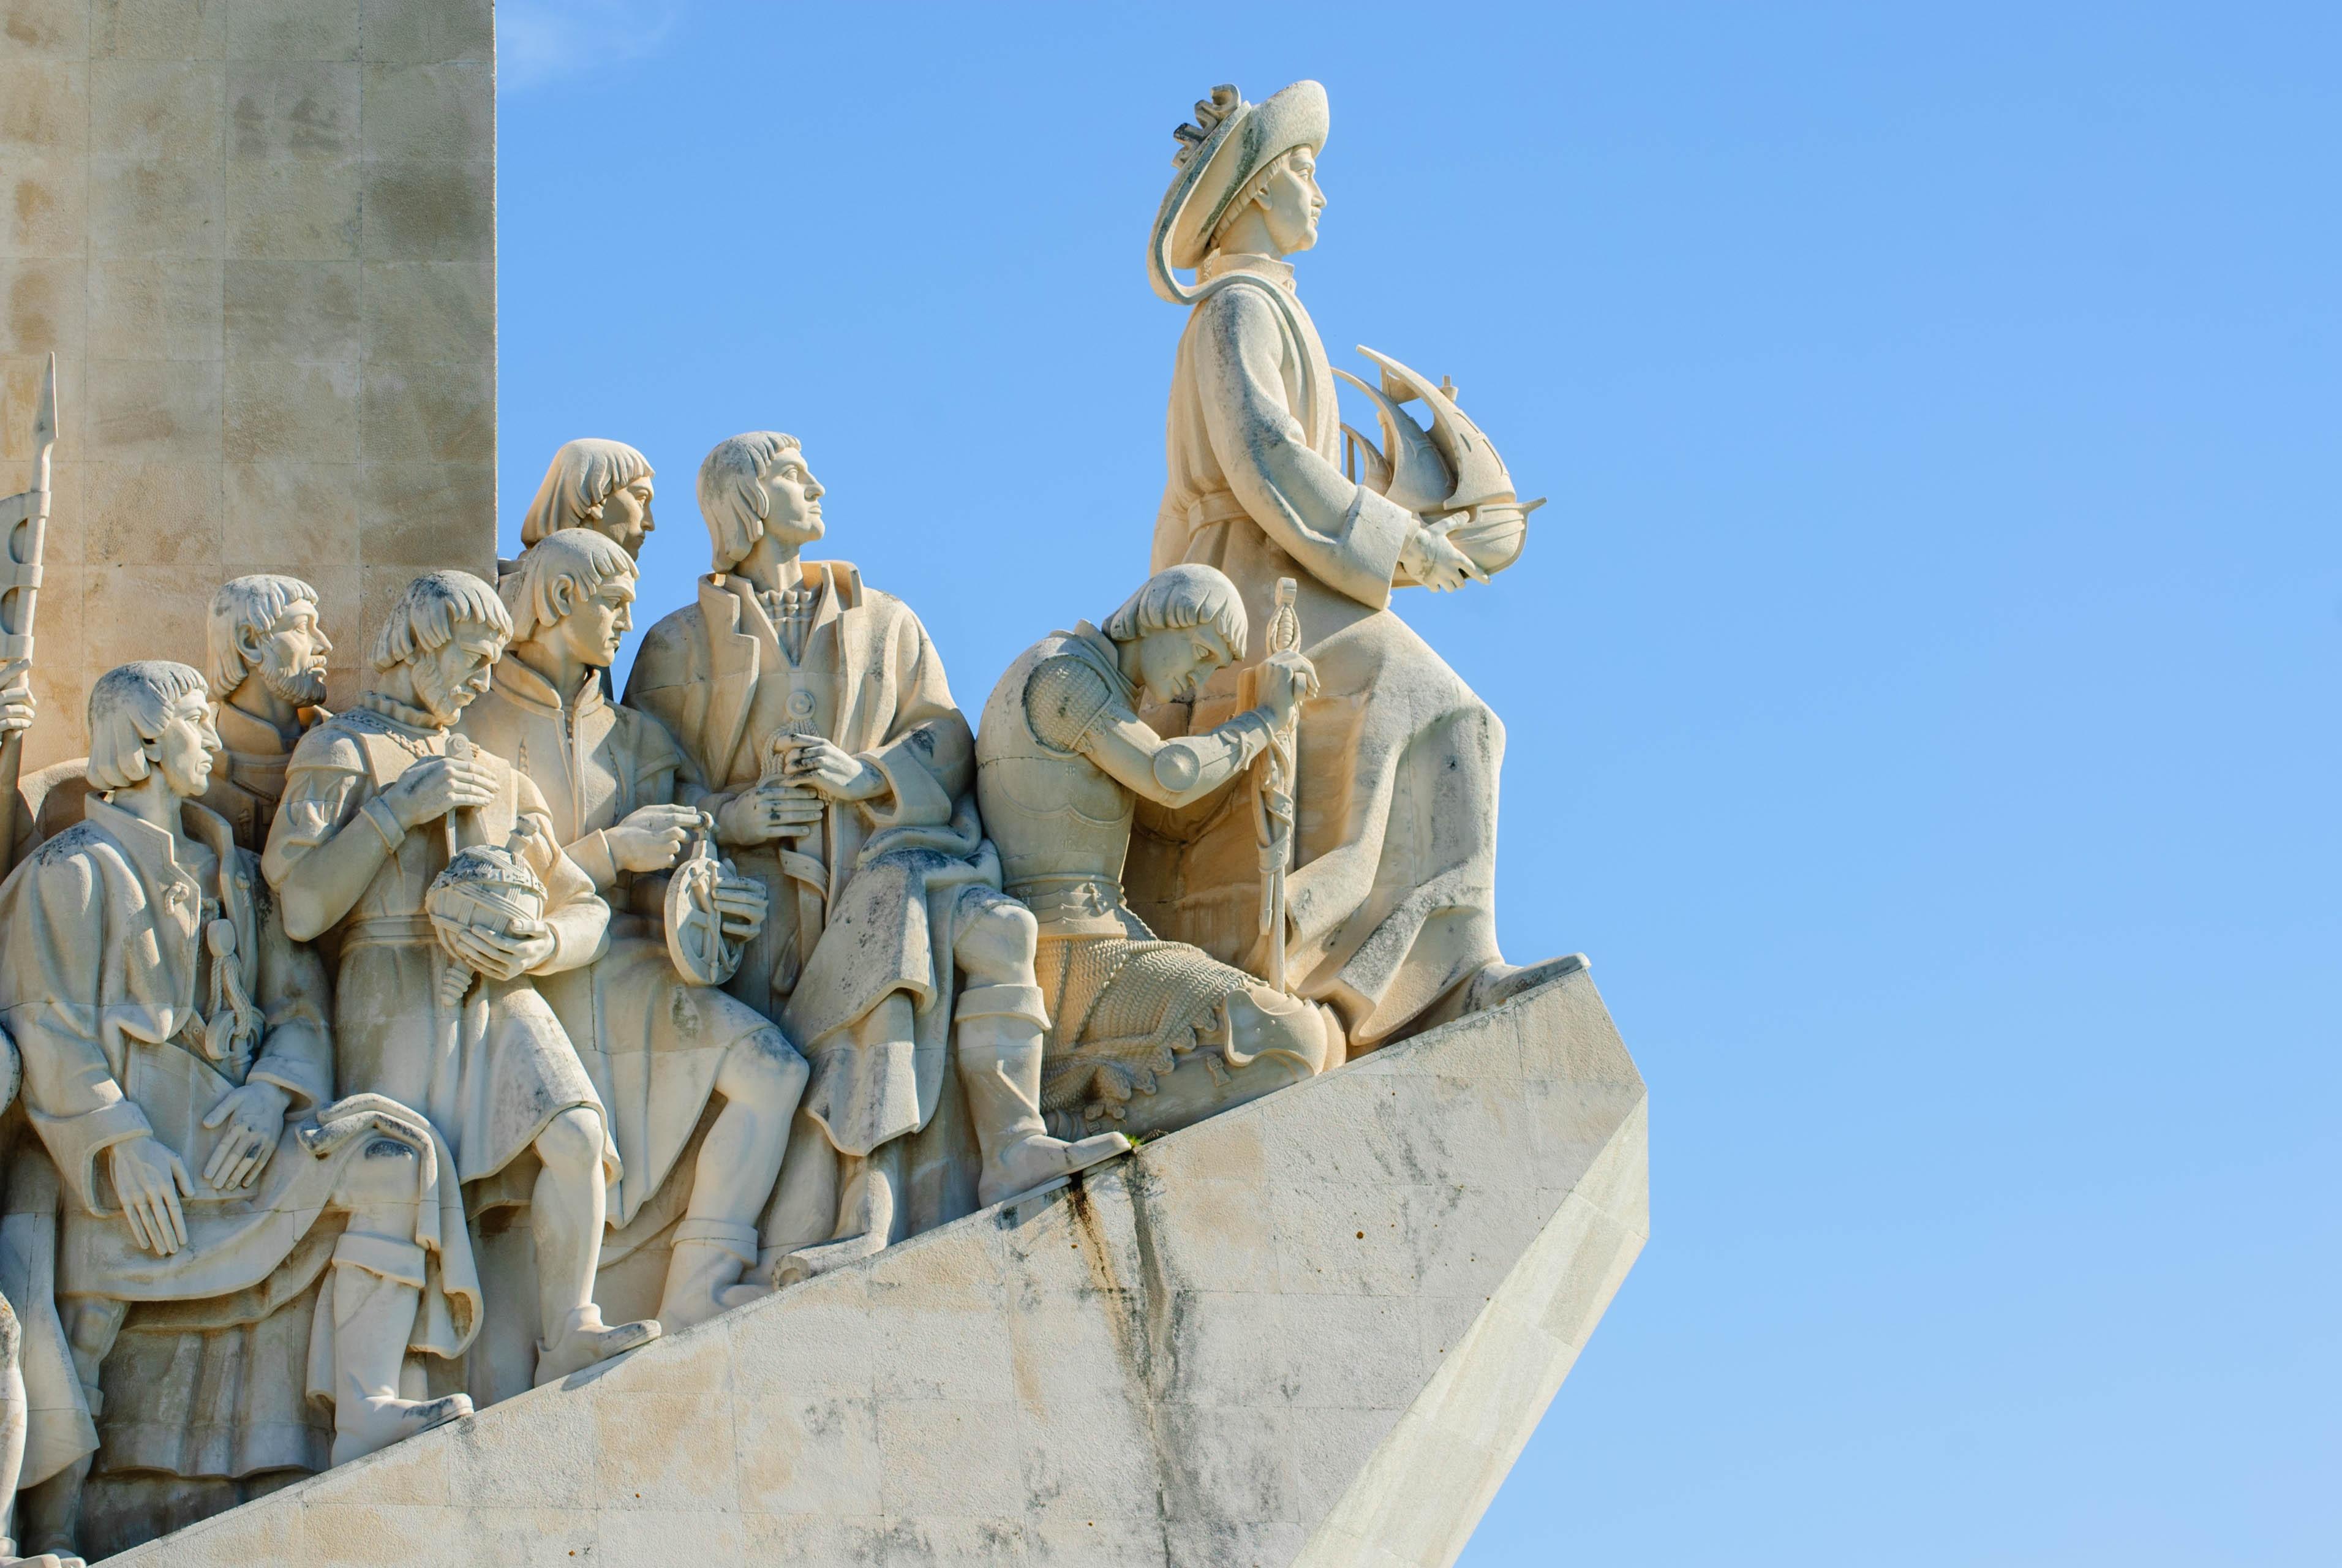 Banco de imagens : monumento, estátua, Marco, escultura, arte ...